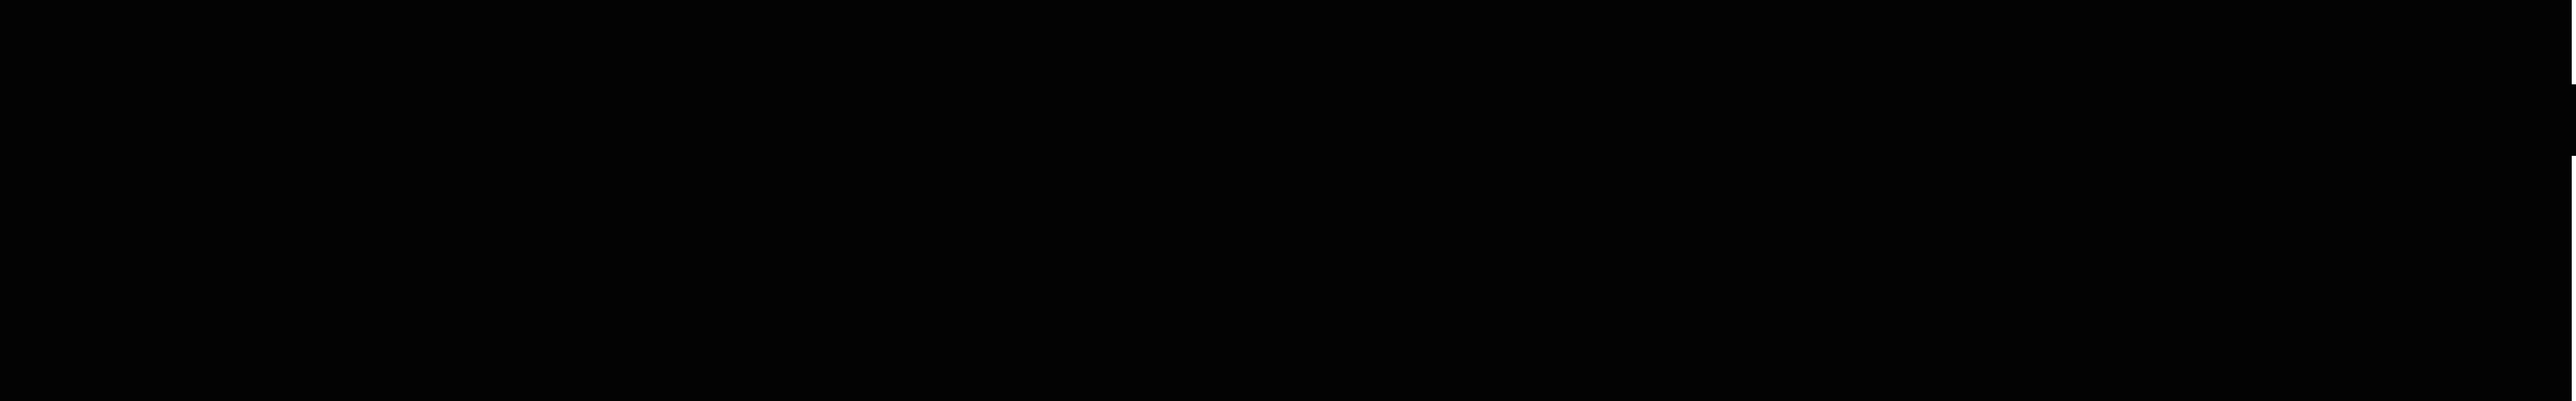 Accountor_Group_logo